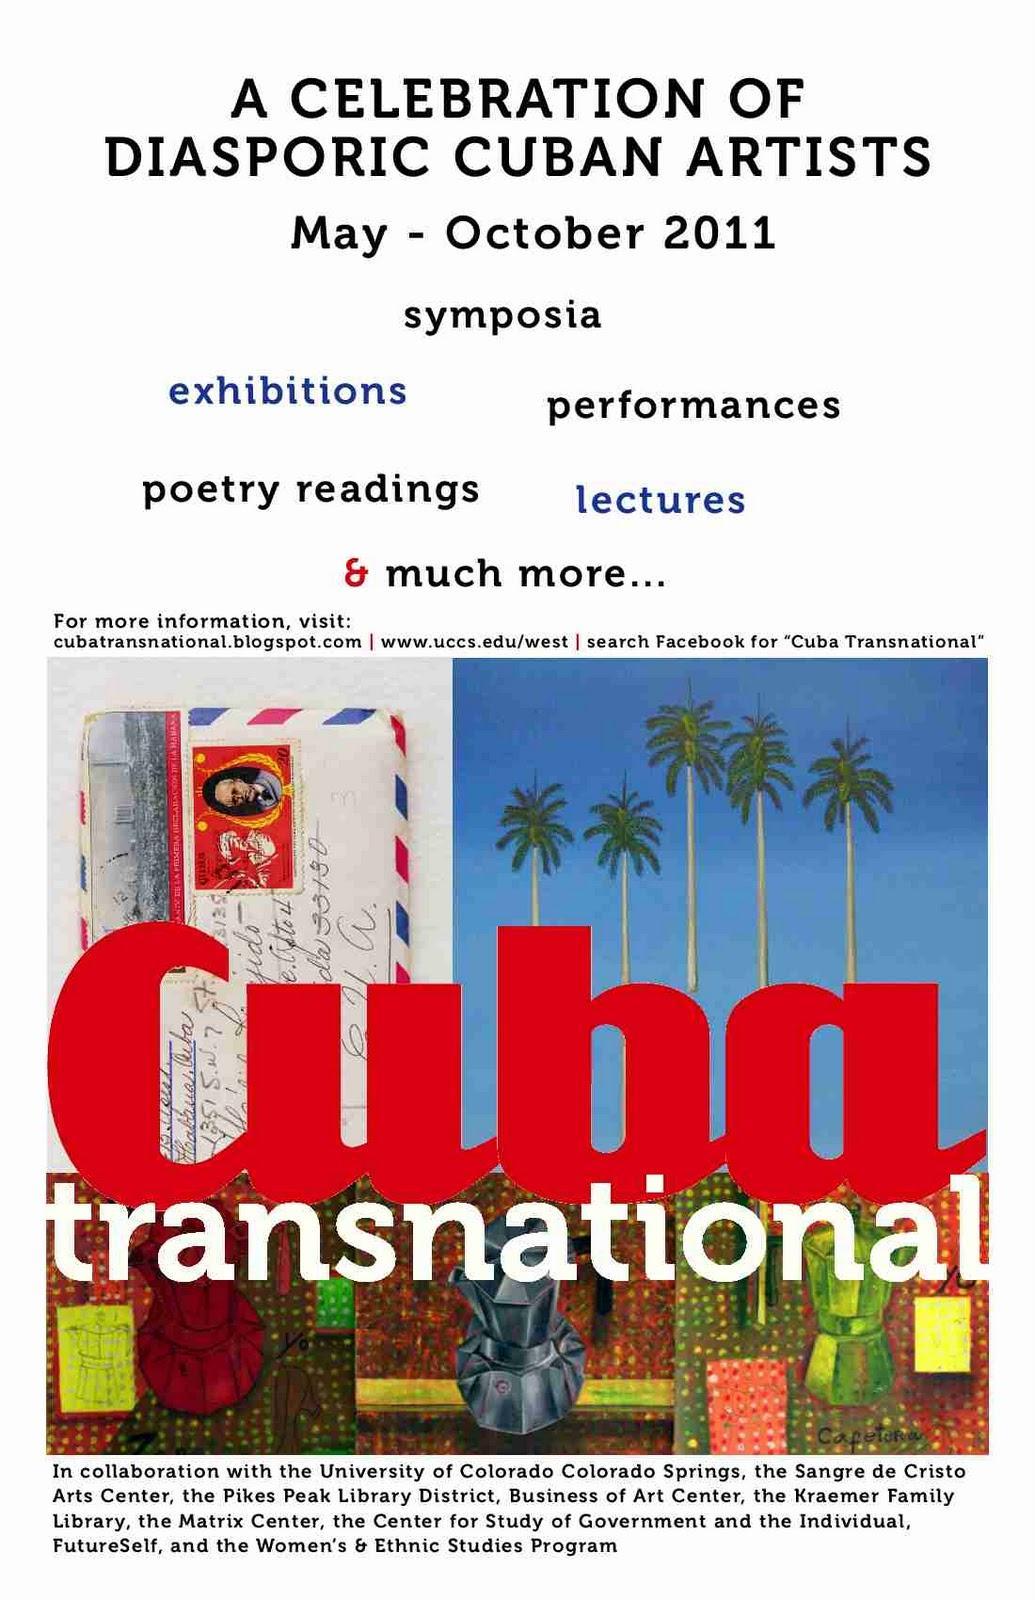 Cuba Transnational event poster